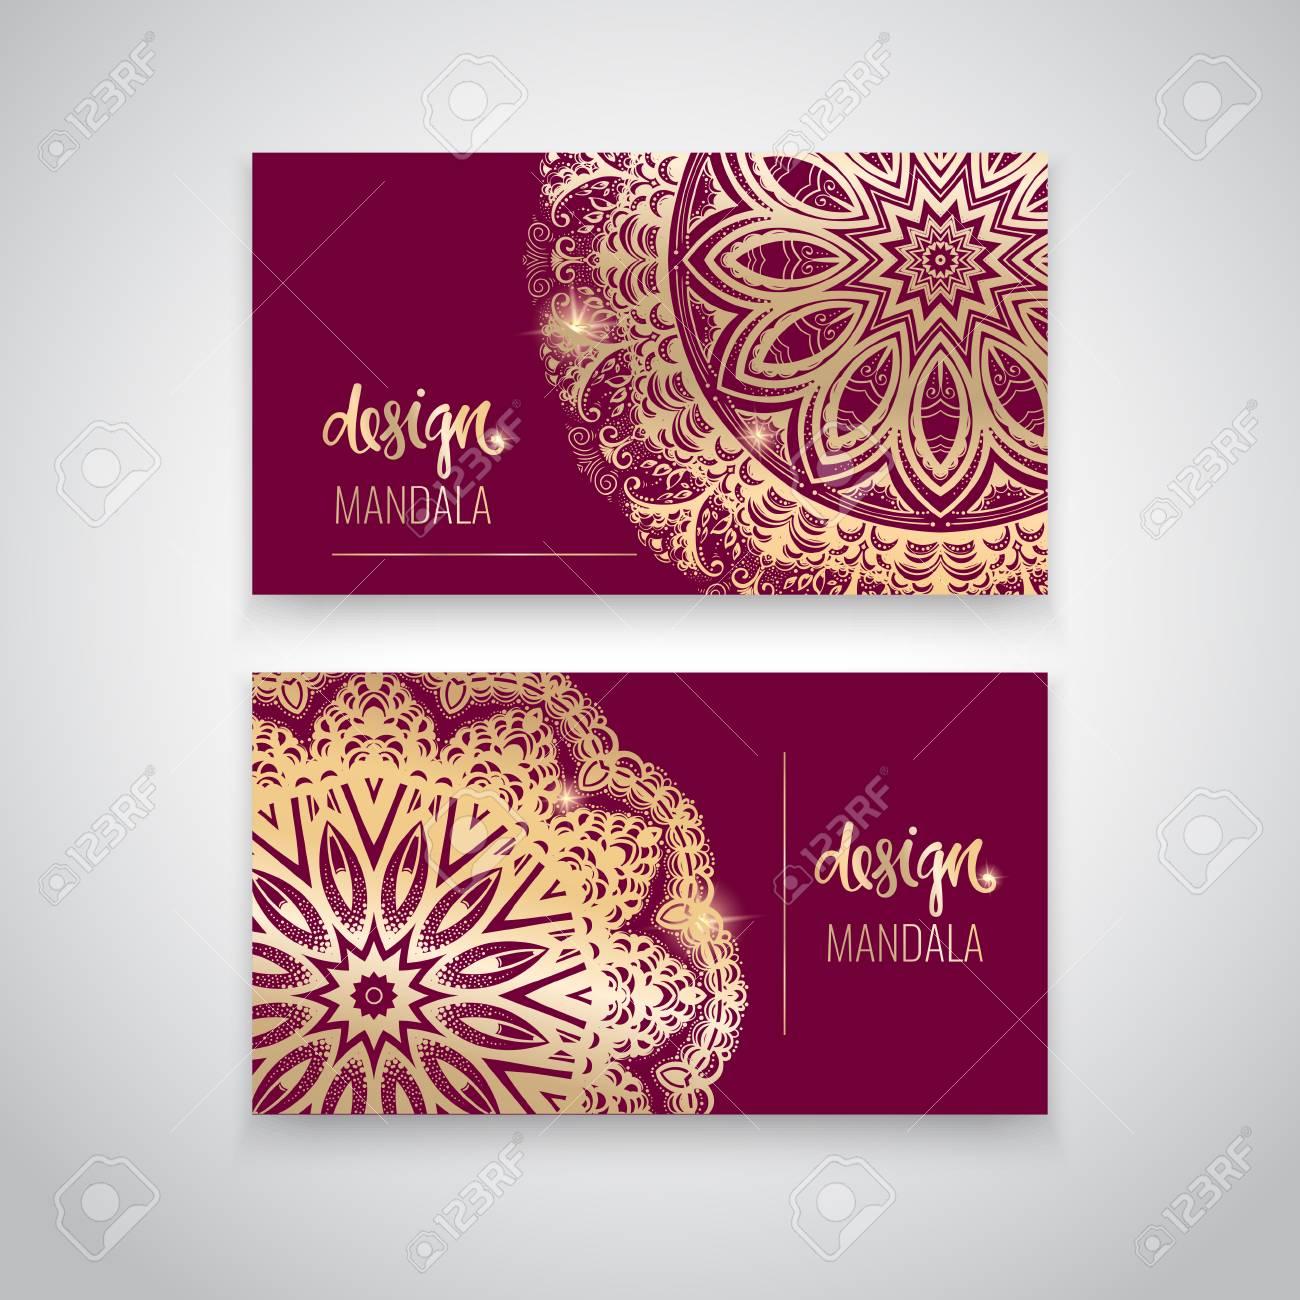 Plantilla Moderna Para El Diseño Mandala India Hermosa Del Modelo En Color Oro Se Puede Usar Para Crear Tarjetas De Visita Invitaciones Para